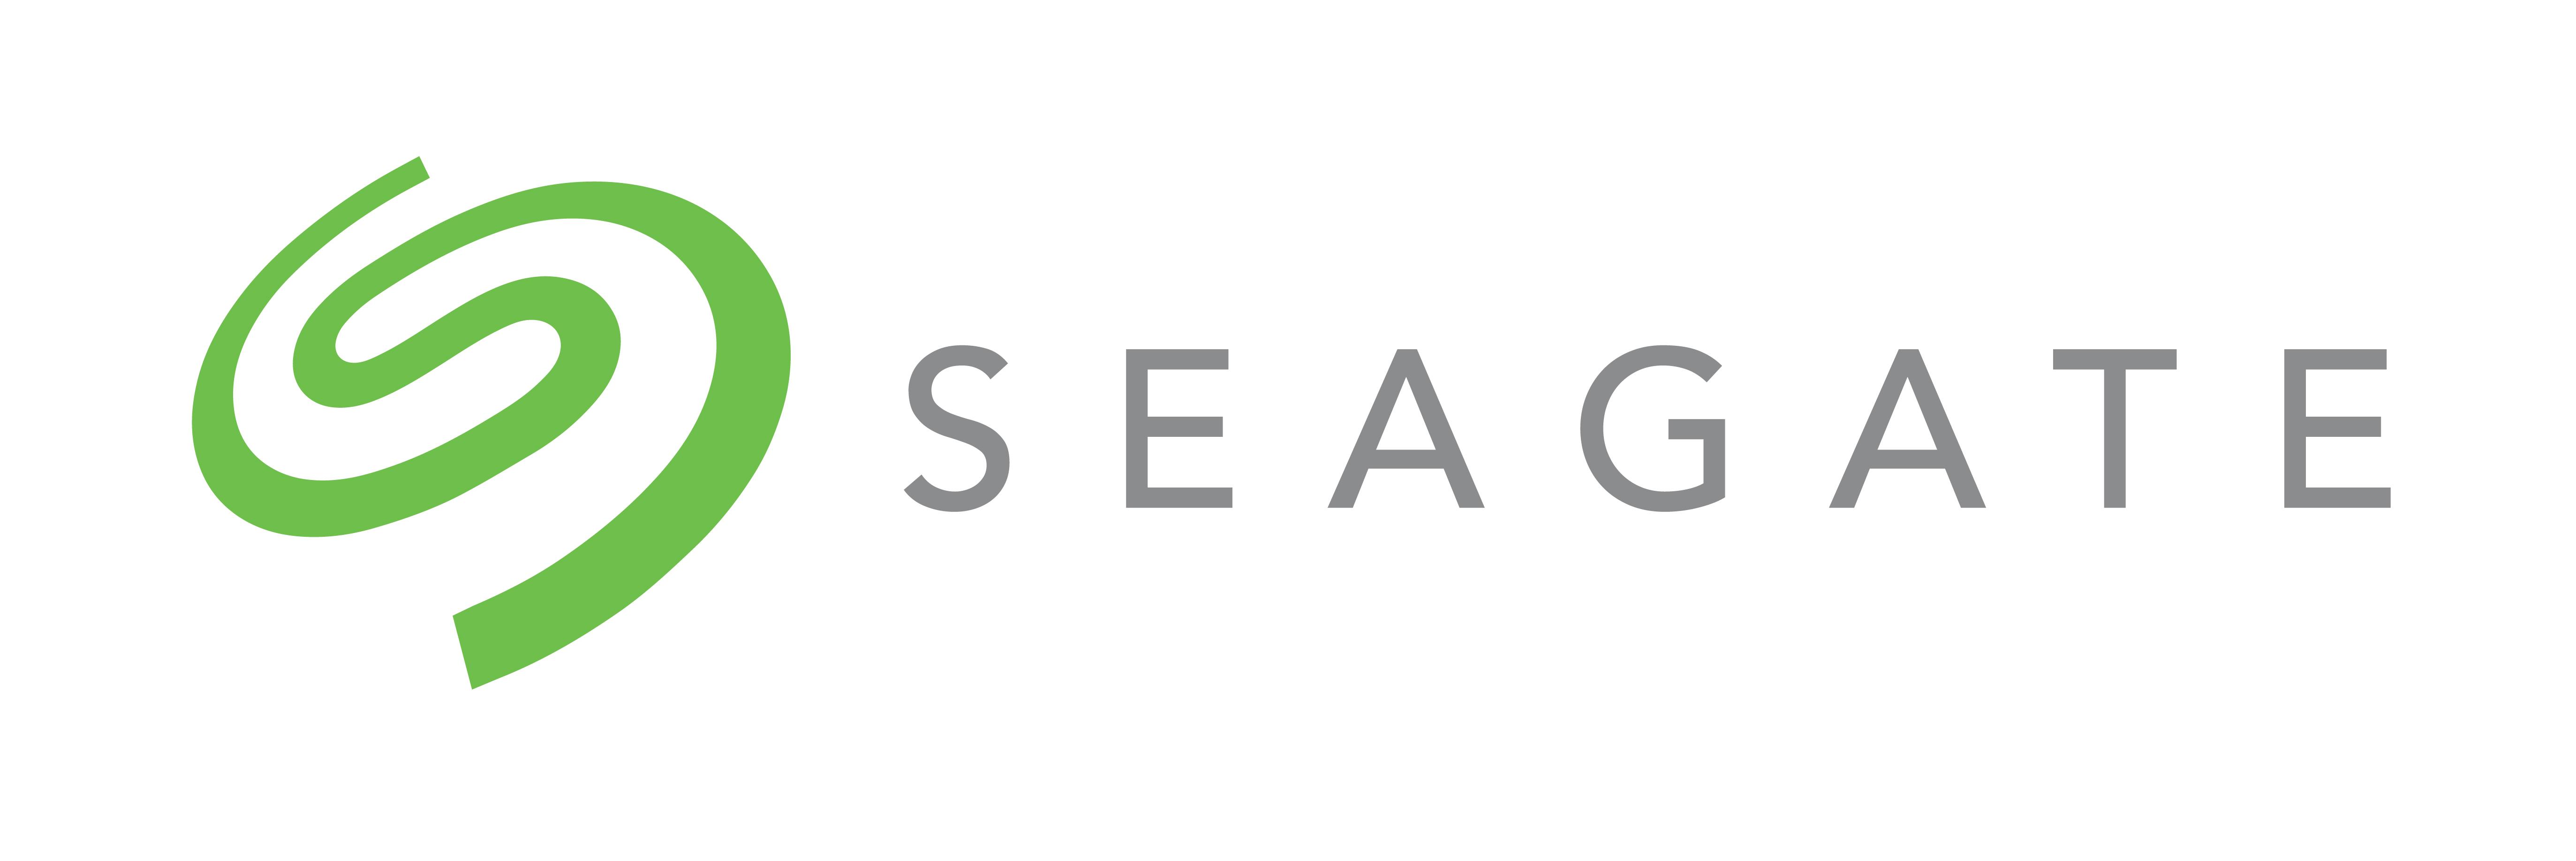 Seagate's logo.